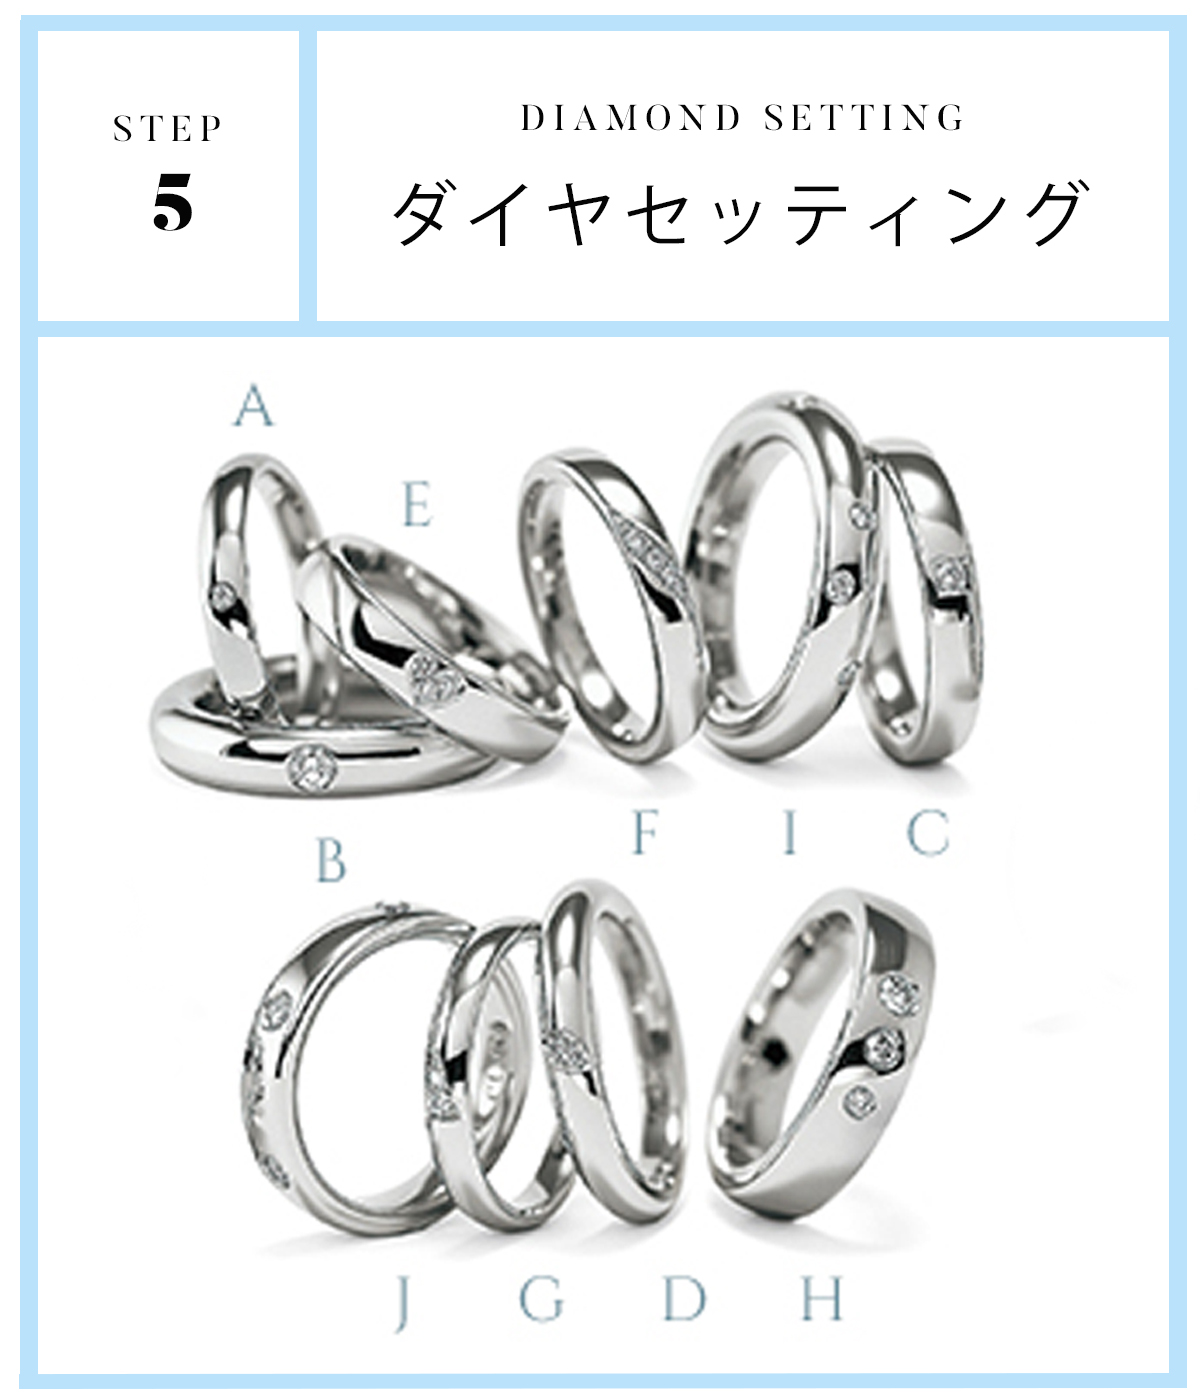 広島県広島市と広島県福山市のセレクトジュエリーショップヴァニラがおすすめするFURRERJACOTフラージャコ―の人気の結婚指輪シリーズ5